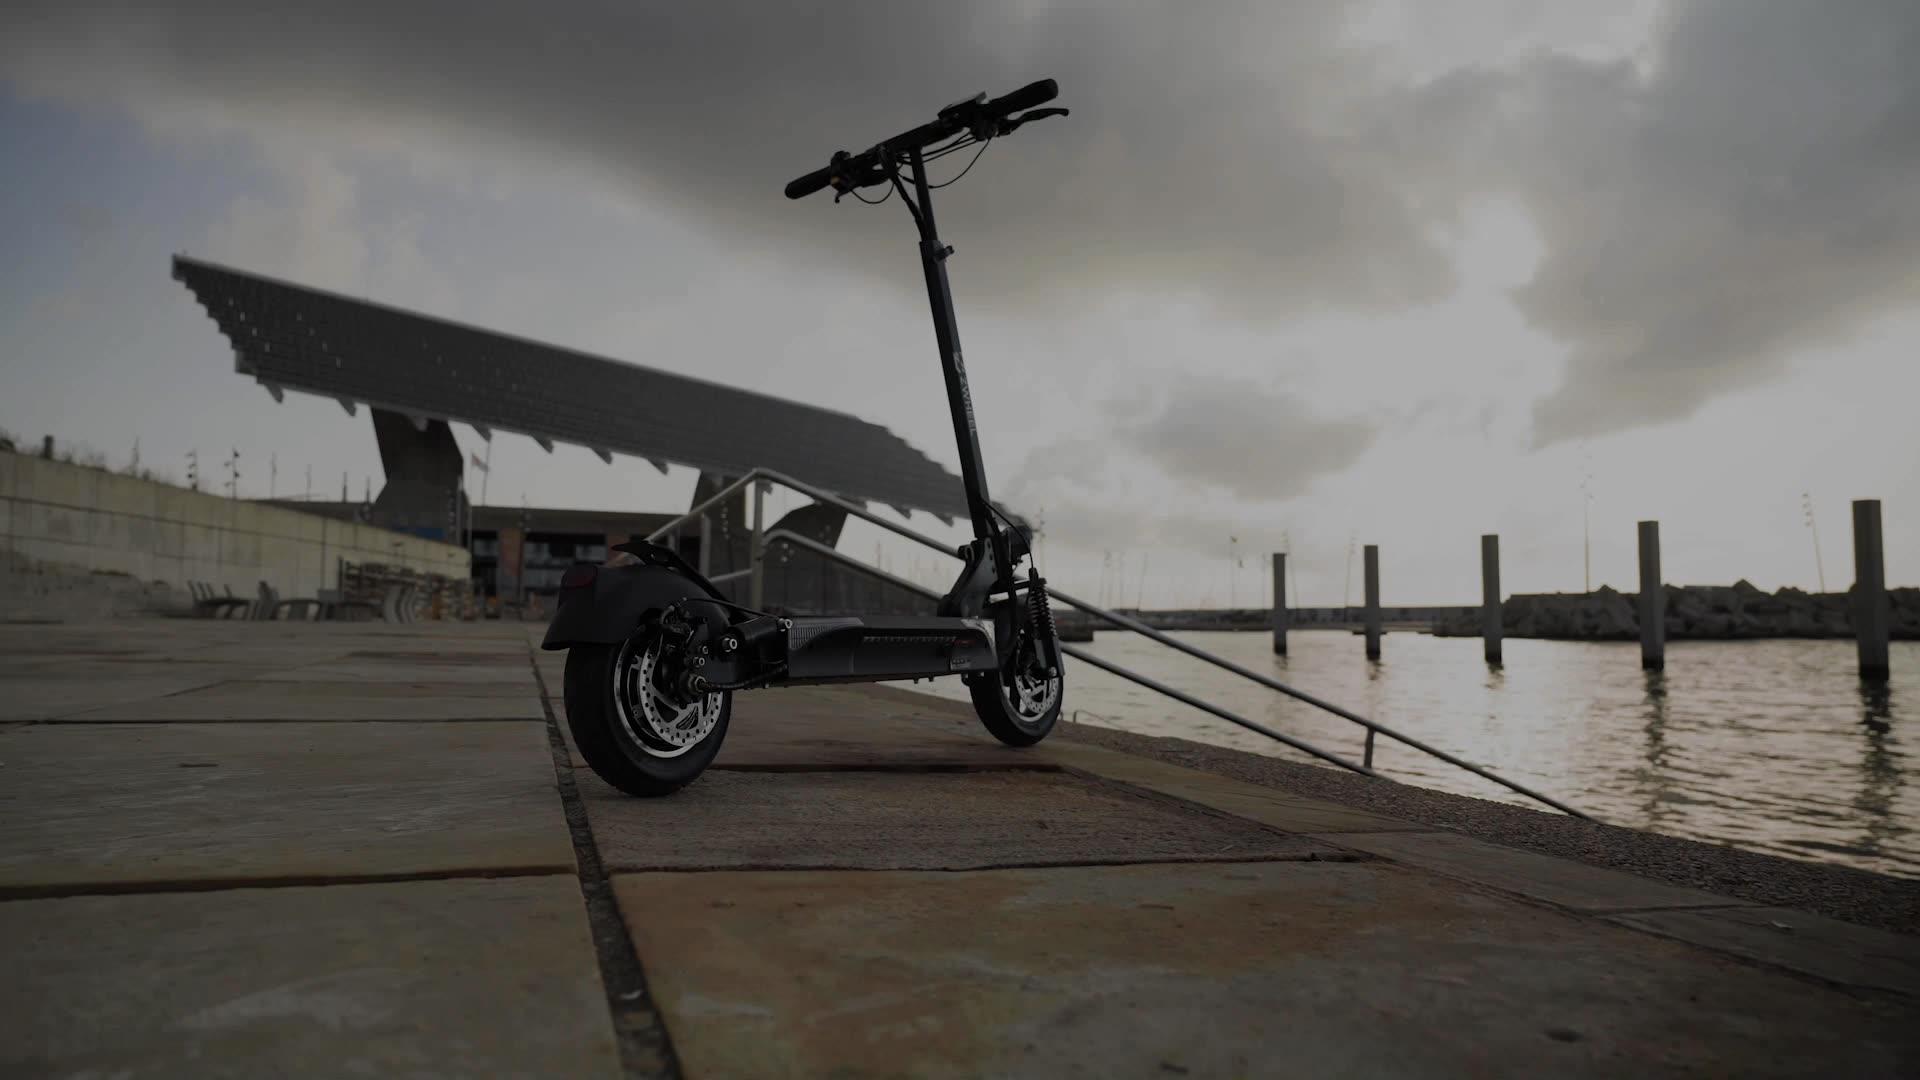 2020 NOUVEAU Portable planche 2 roues scooter électrique pour adultes